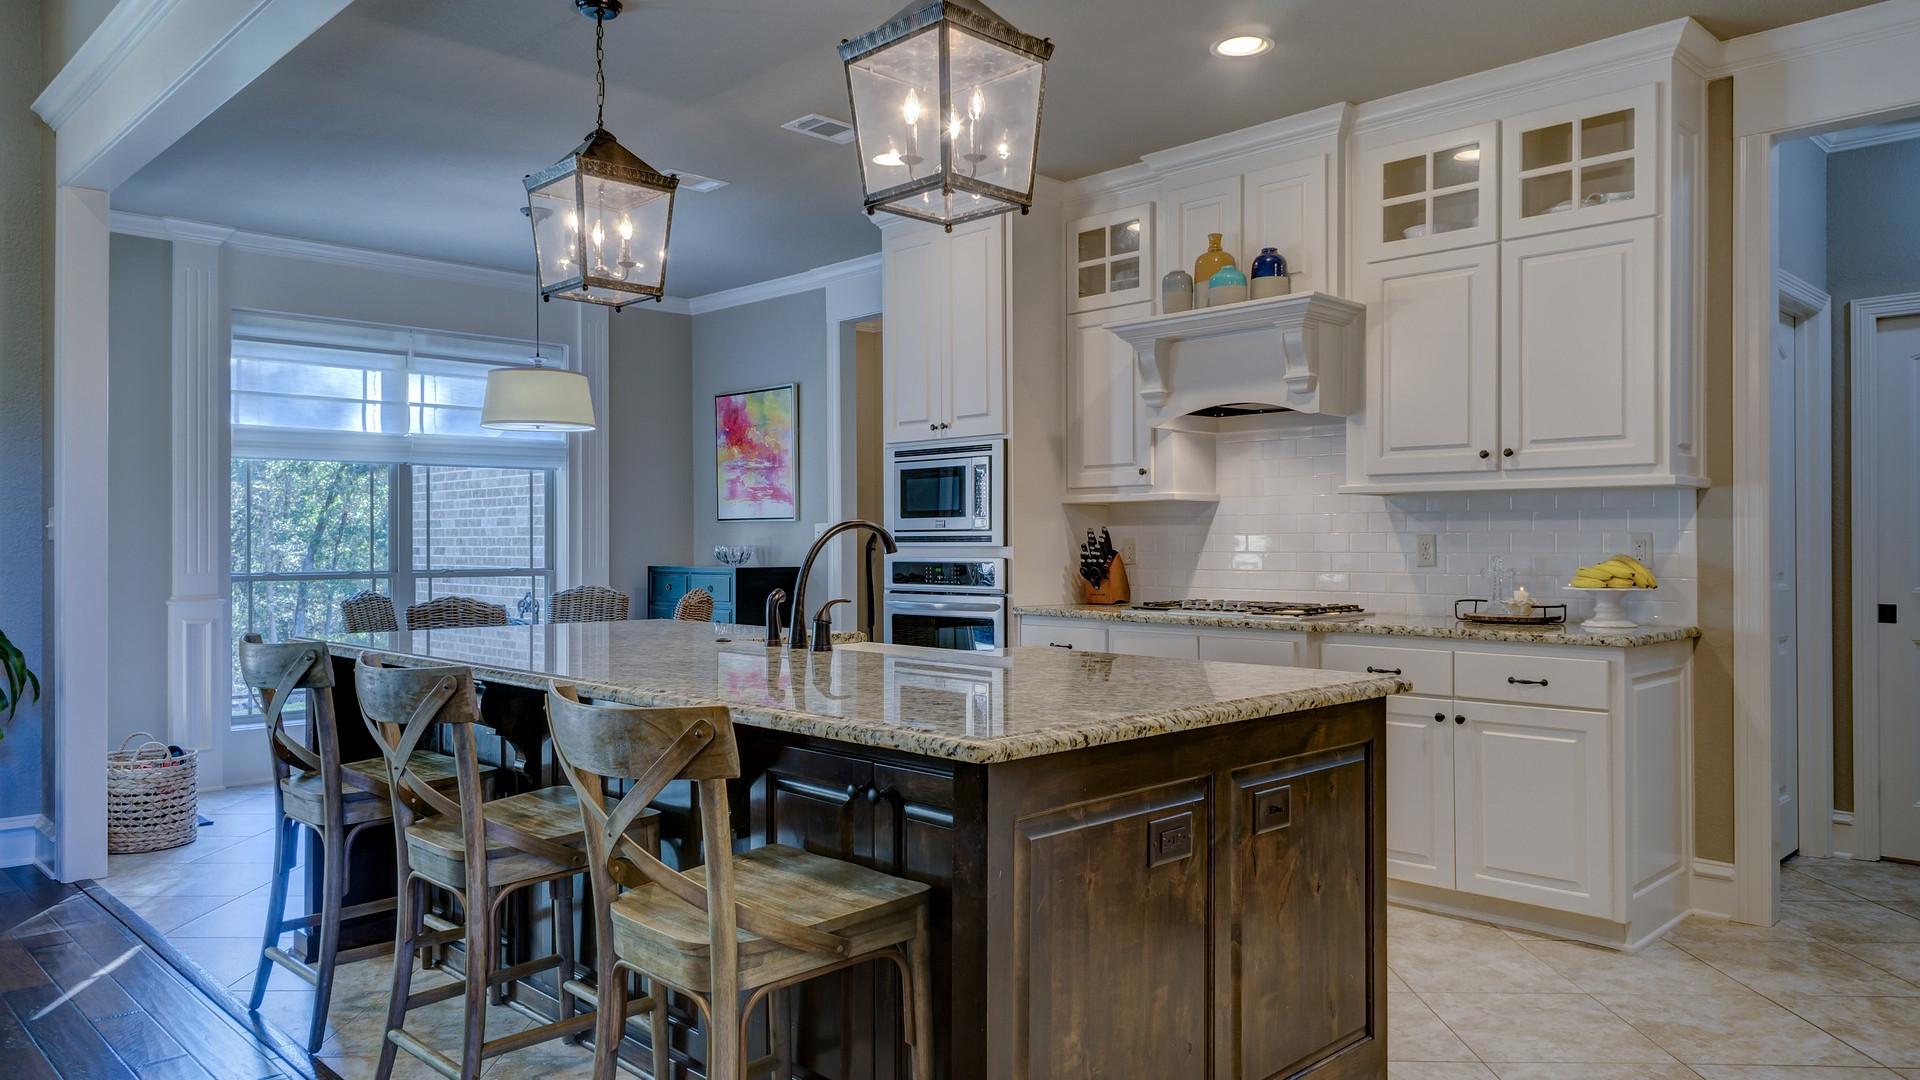 Comment réagir si un promoteur veut acheter votre maison fraîchement rénovée ?